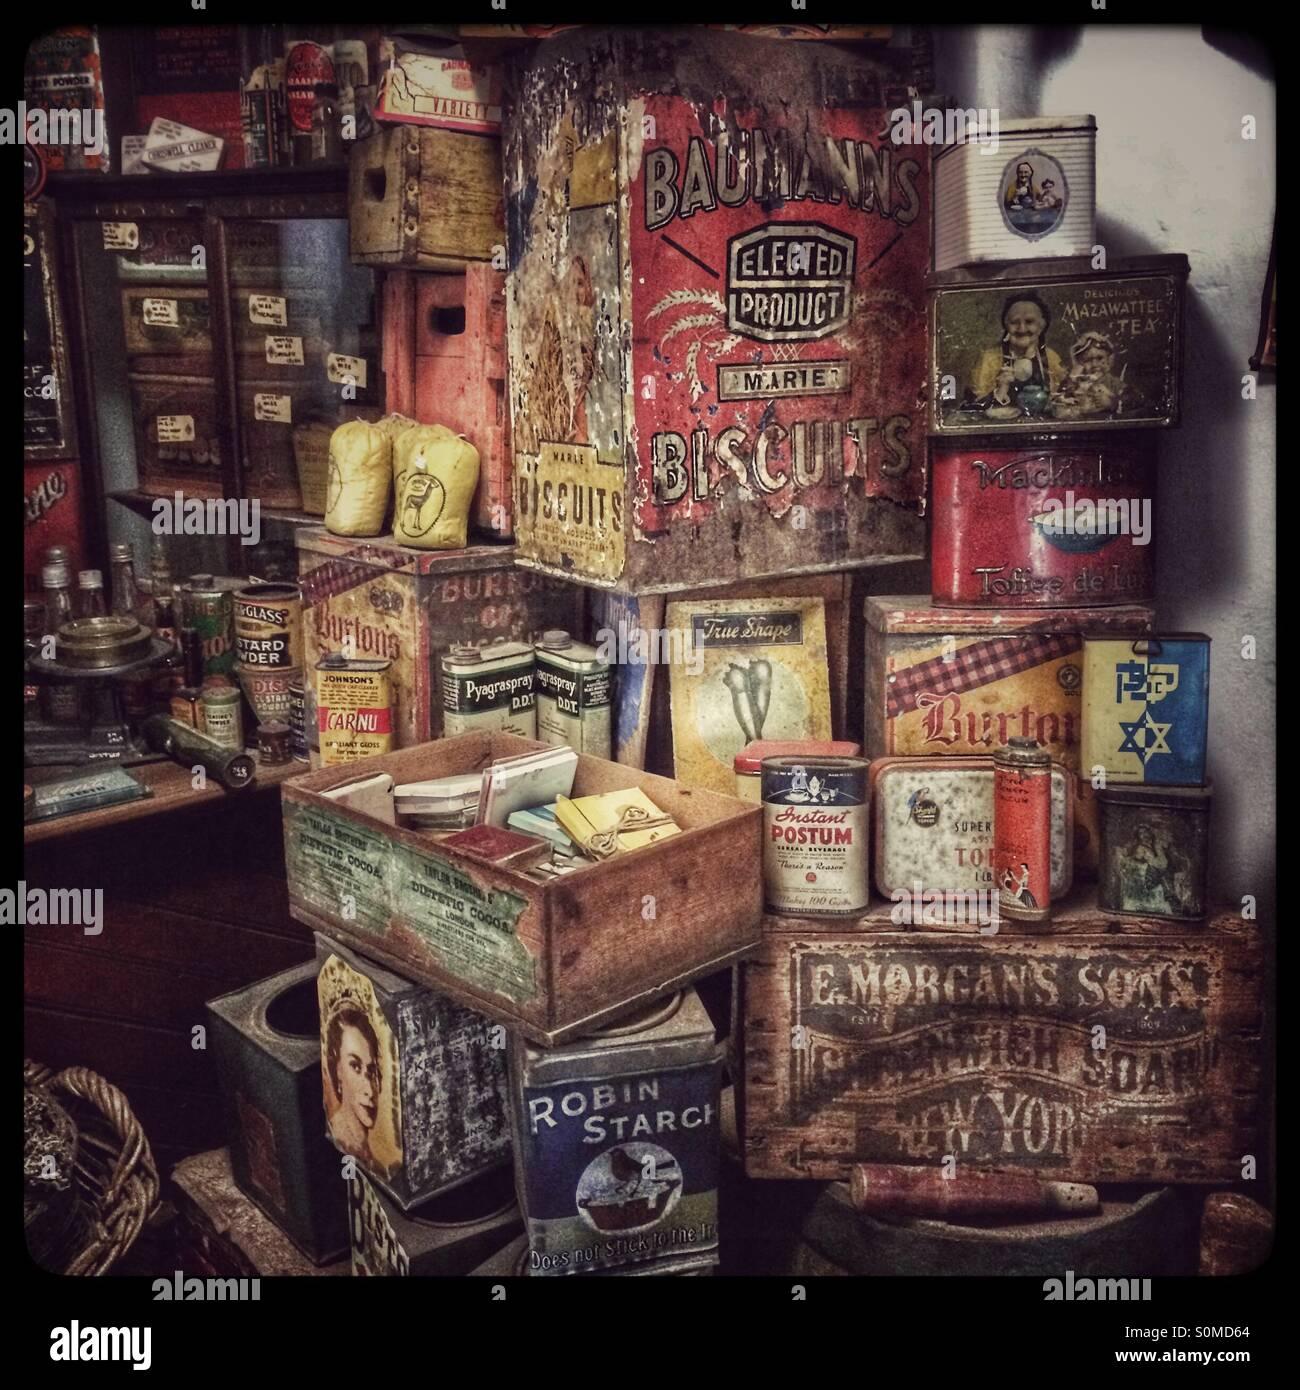 Display of vintage tins in Genadendal museum. - Stock Image